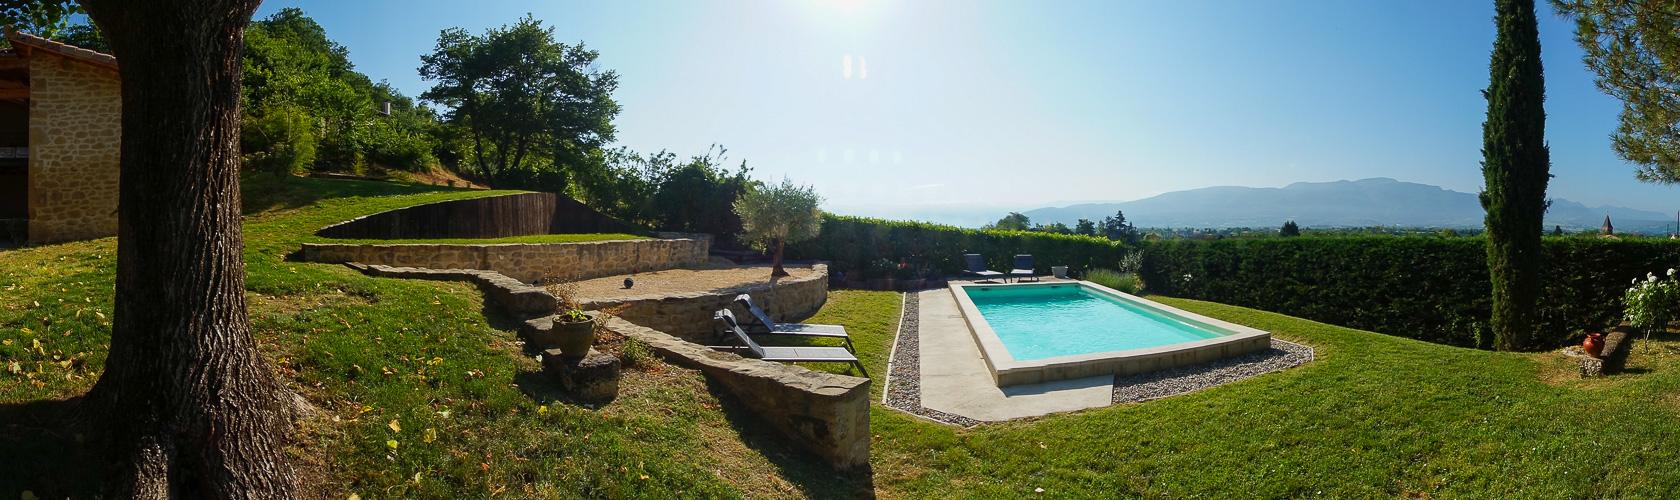 Location gîtes Isère- Location chambres d\'hôte - Vacances ...